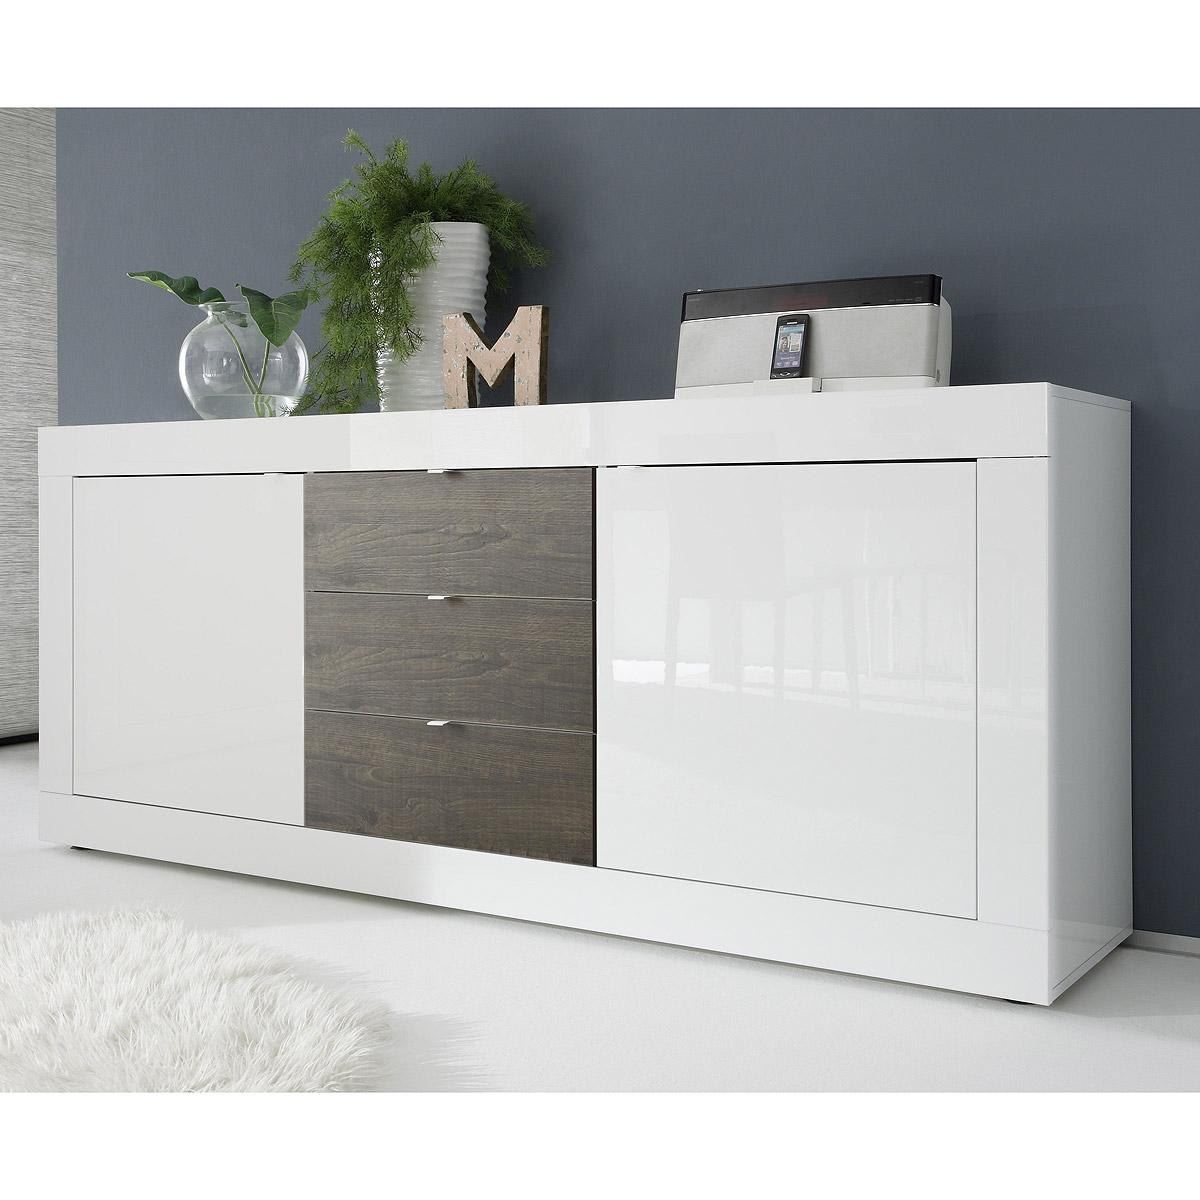 Sideboard Basic Kommode weiß und Eiche wenge lackiert B 210 cm